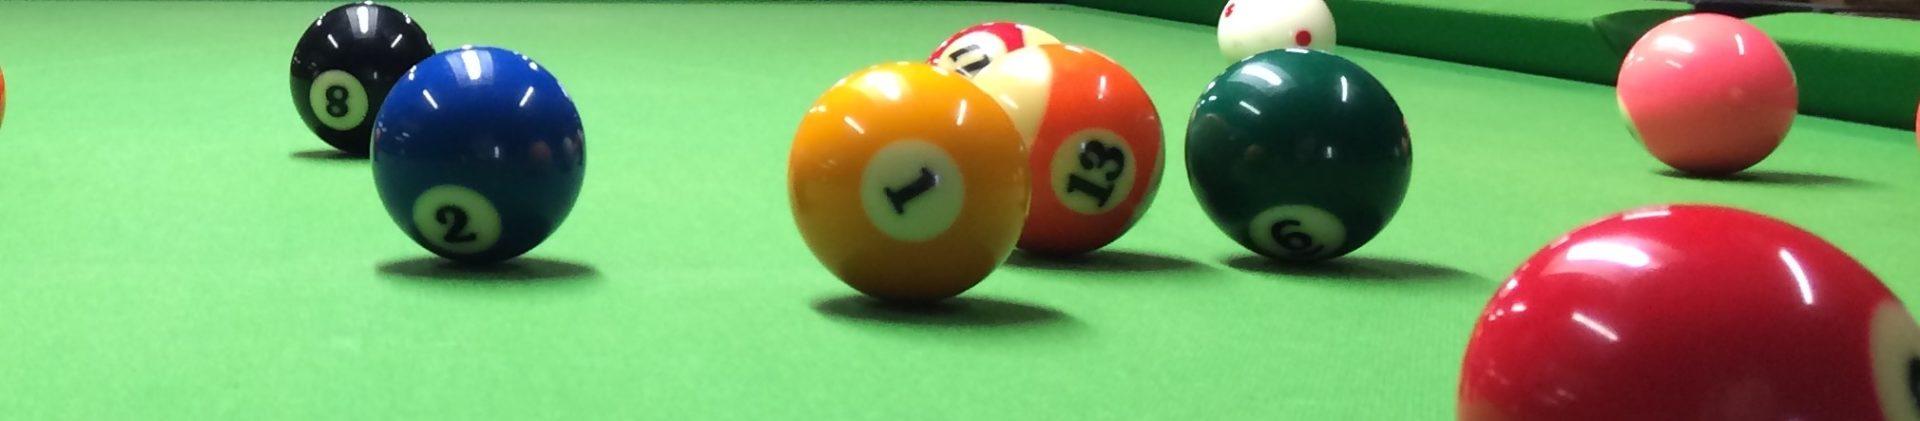 カテゴリー: Billiards